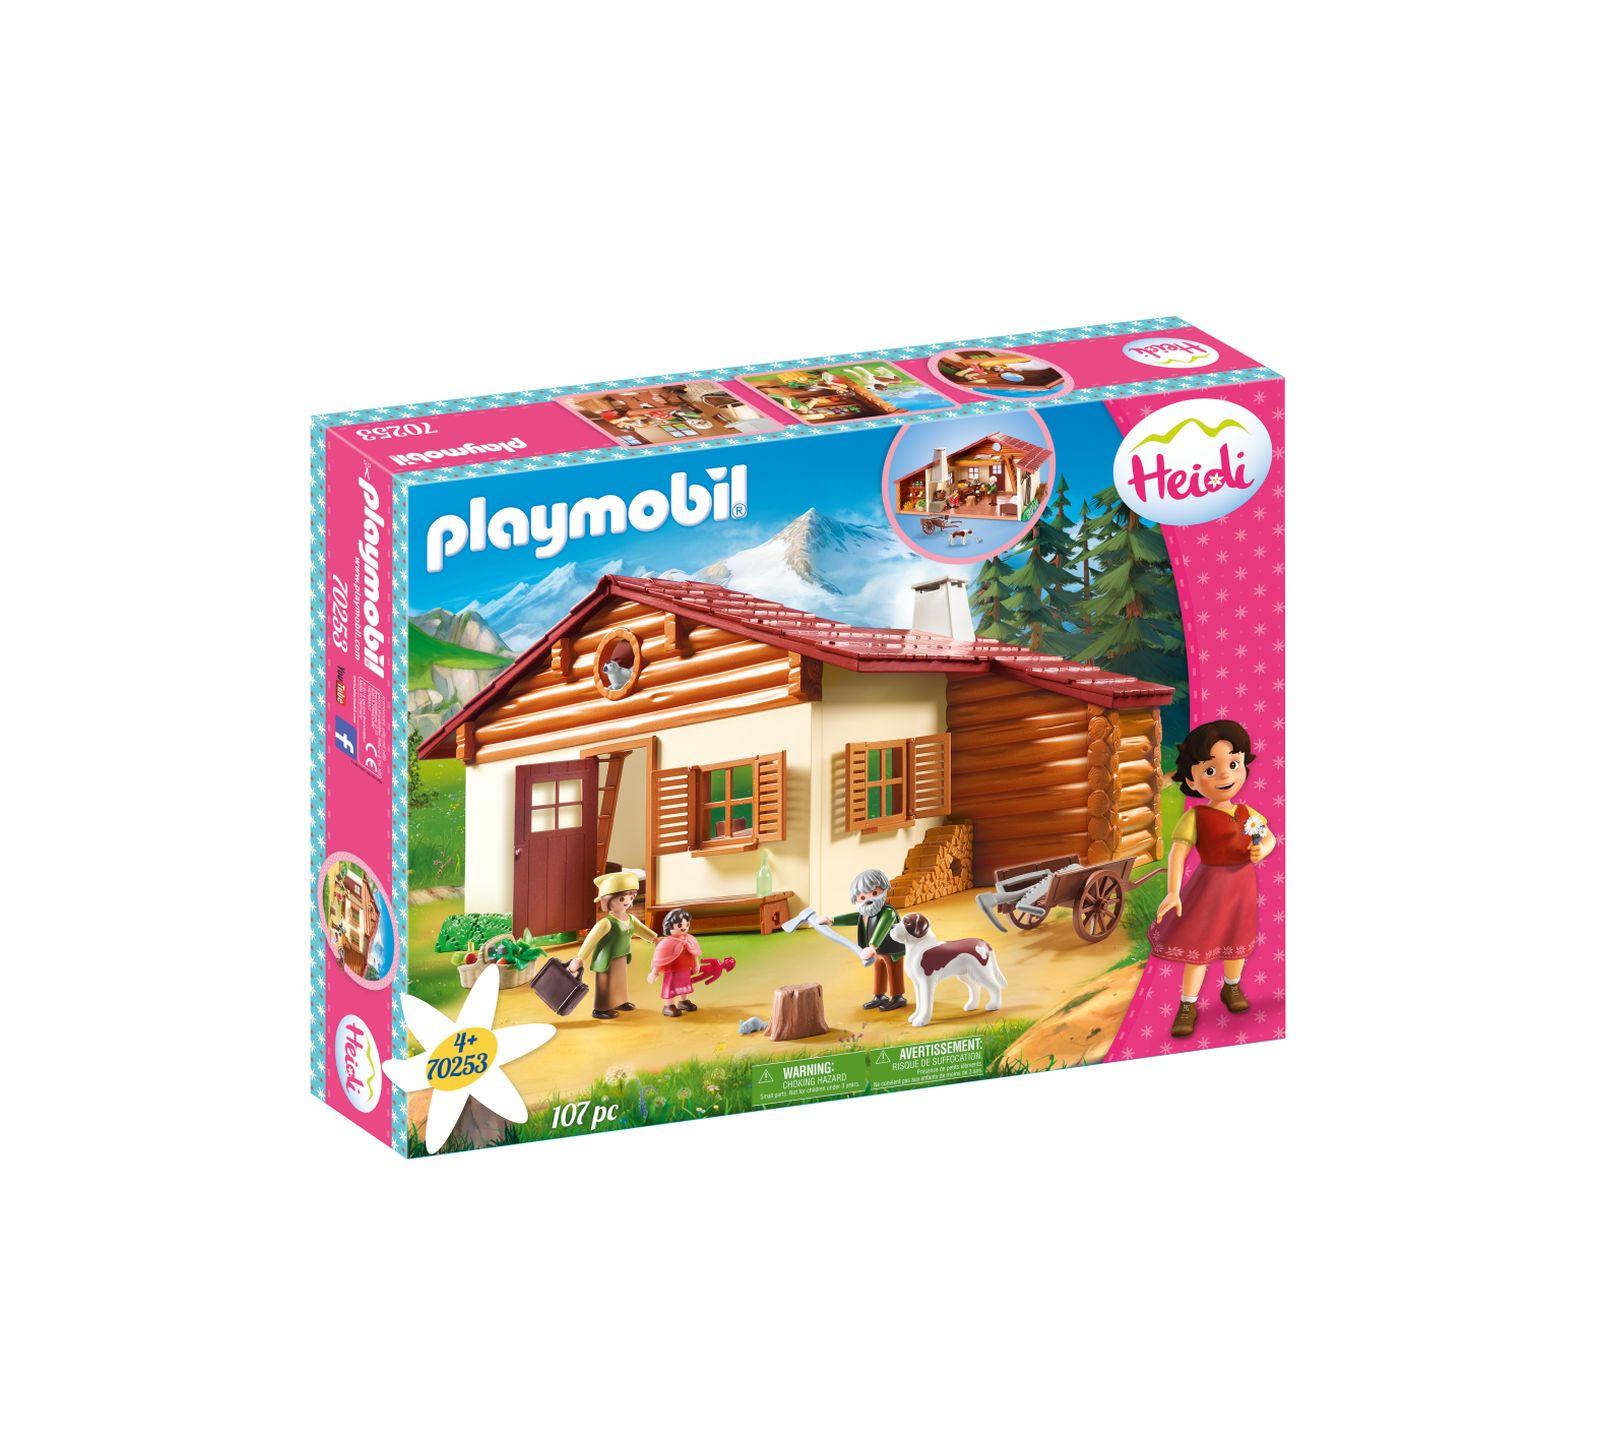 La baita del nonno di heidi - Playmobil